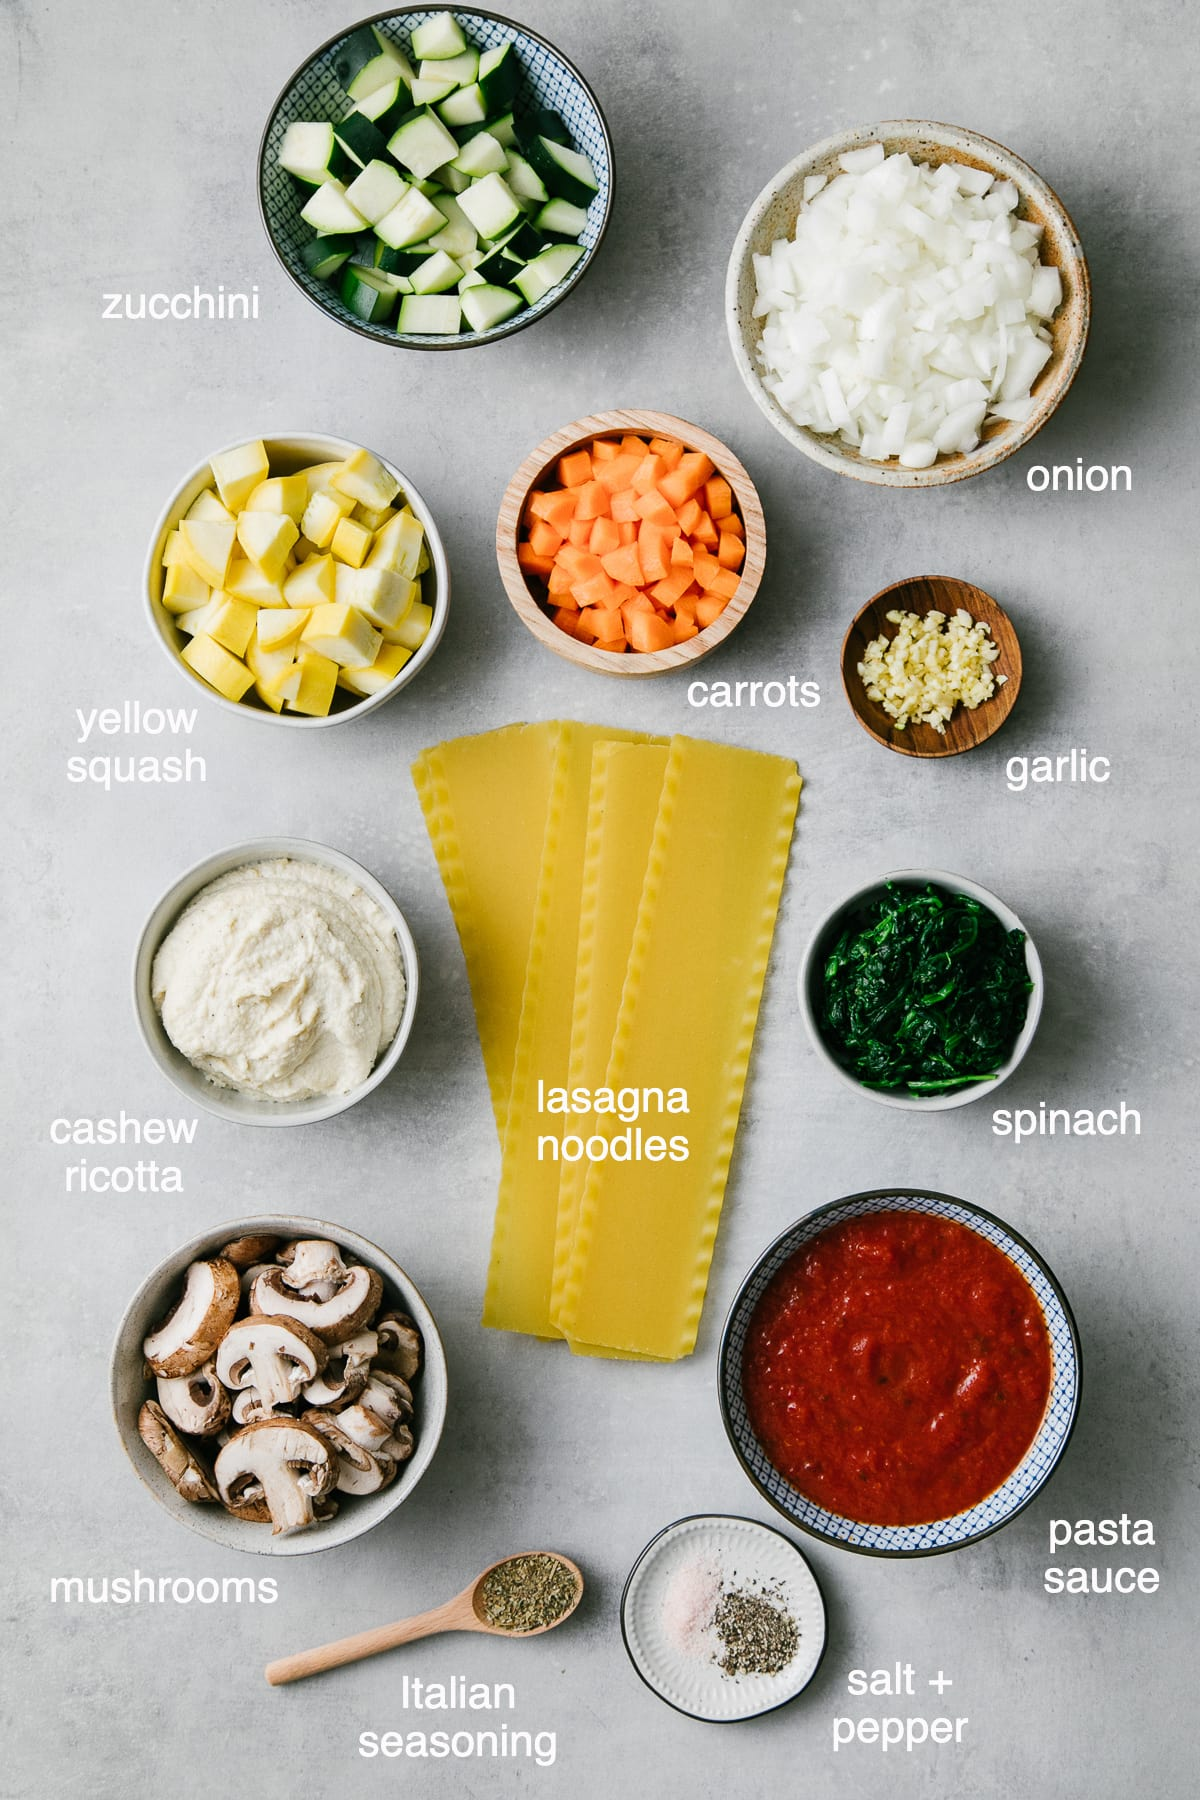 top down view of ingredients used to make vegetable vegan lasagna.